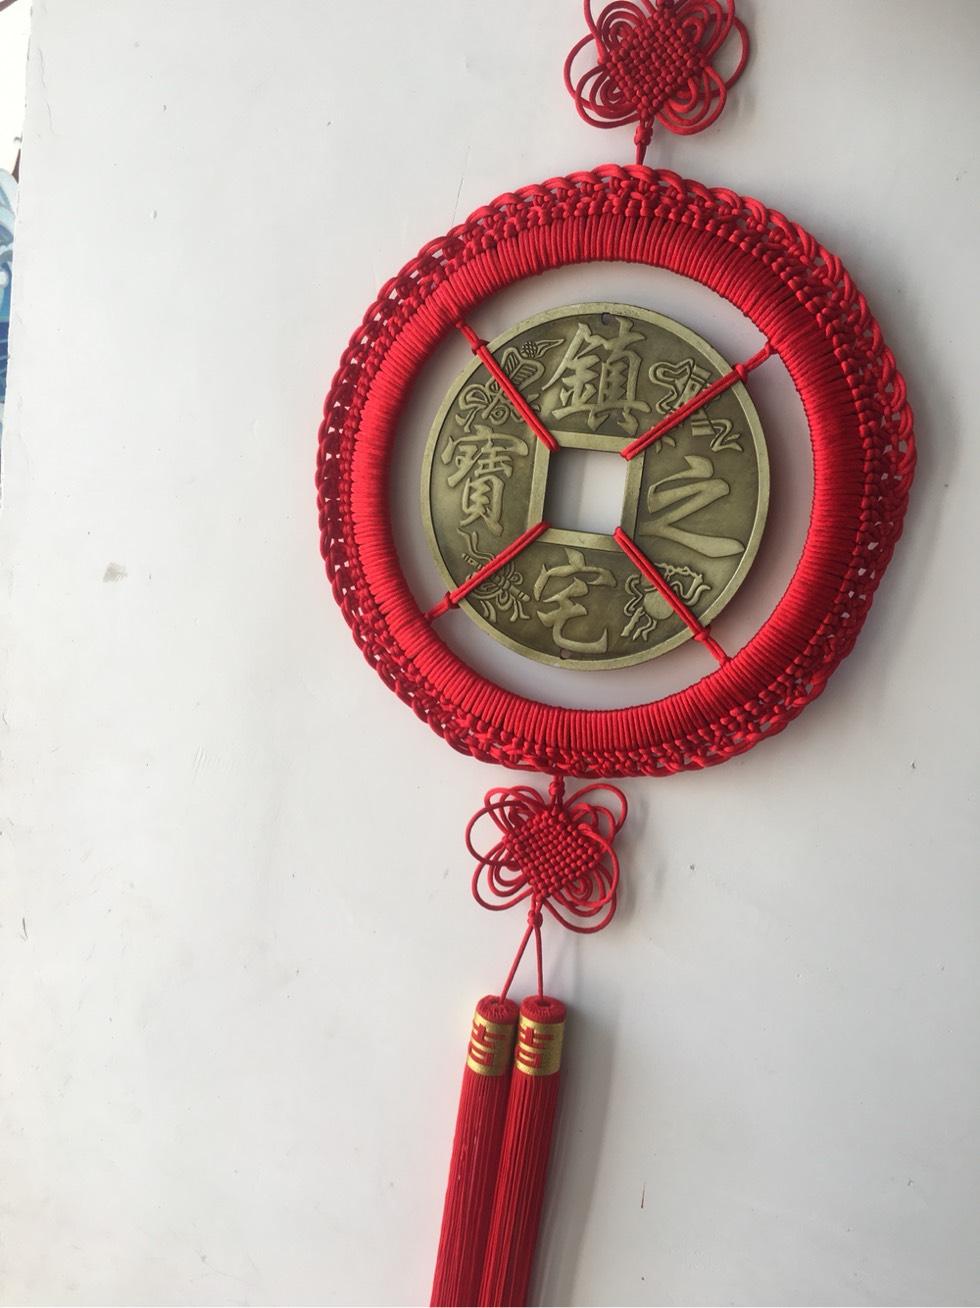 中国结论坛 过年了编个铜钱挂饰 挂饰,单枚铜钱编挂件,铜钱怎么用绳子编起来 作品展示 001831ev1vkvo1lvvi4wyn